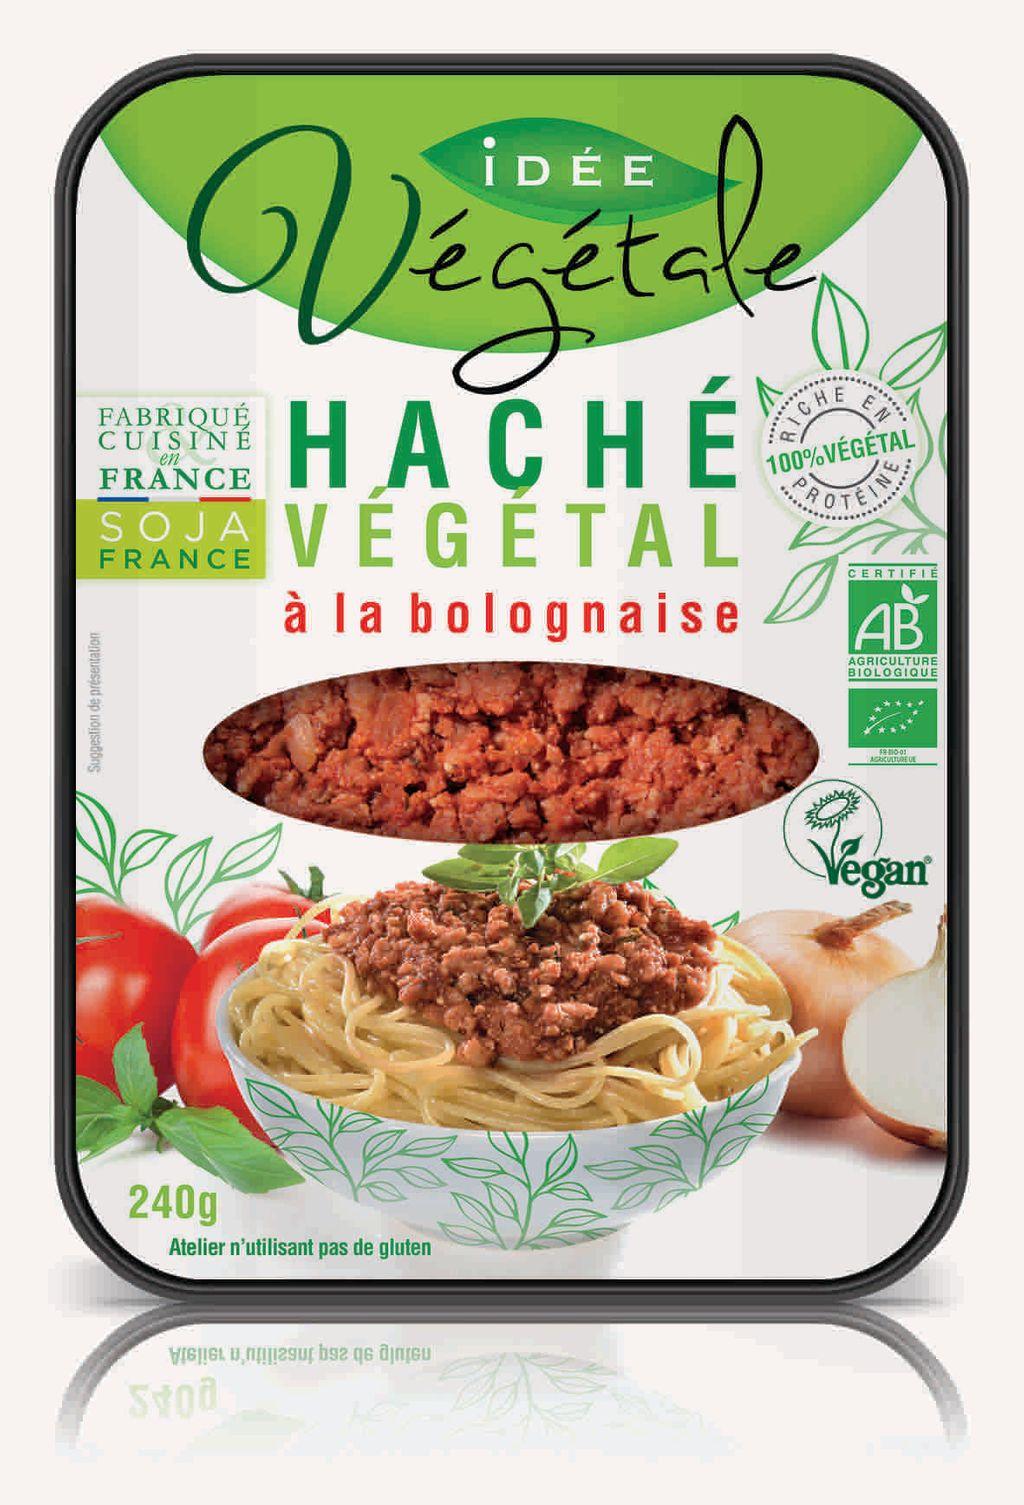 J'ai testé le Haché Végétal à la Bolognaise d'IDEE VEGETALE